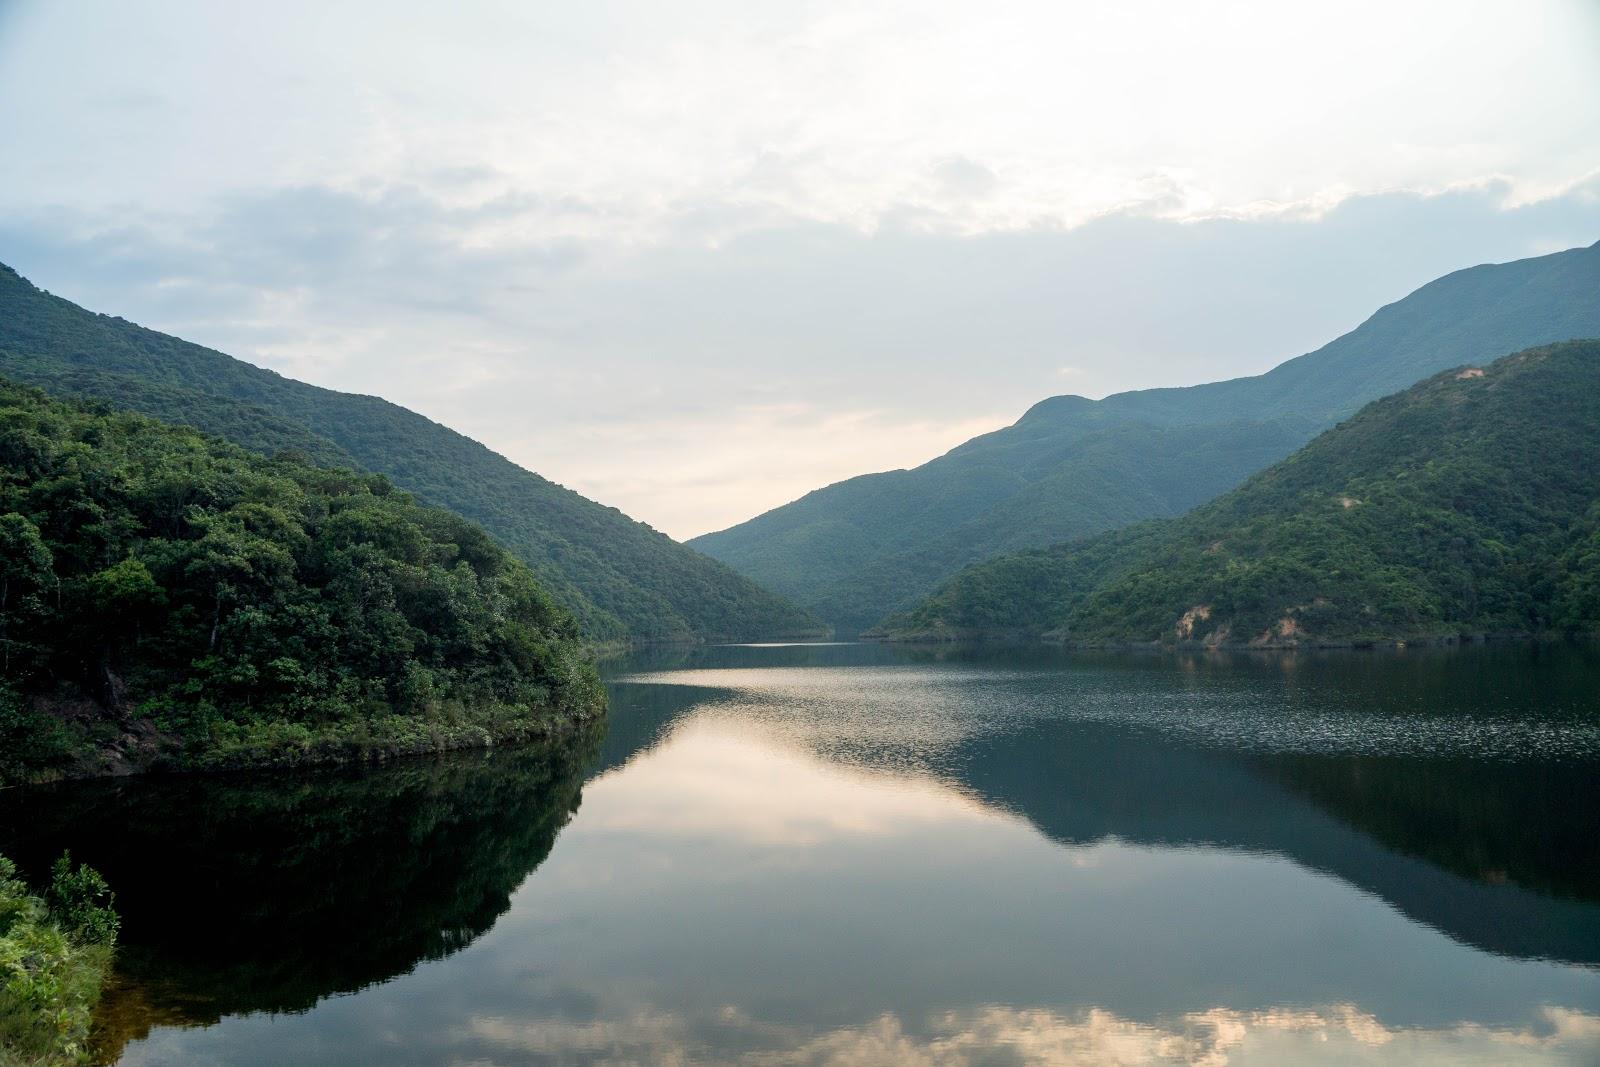 【香港隨行】紫羅蘭山徑續篇 風光如畫的大潭中水塘、大潭篤水塘 | 艾子隨行 Mr. K – U Blog 博客